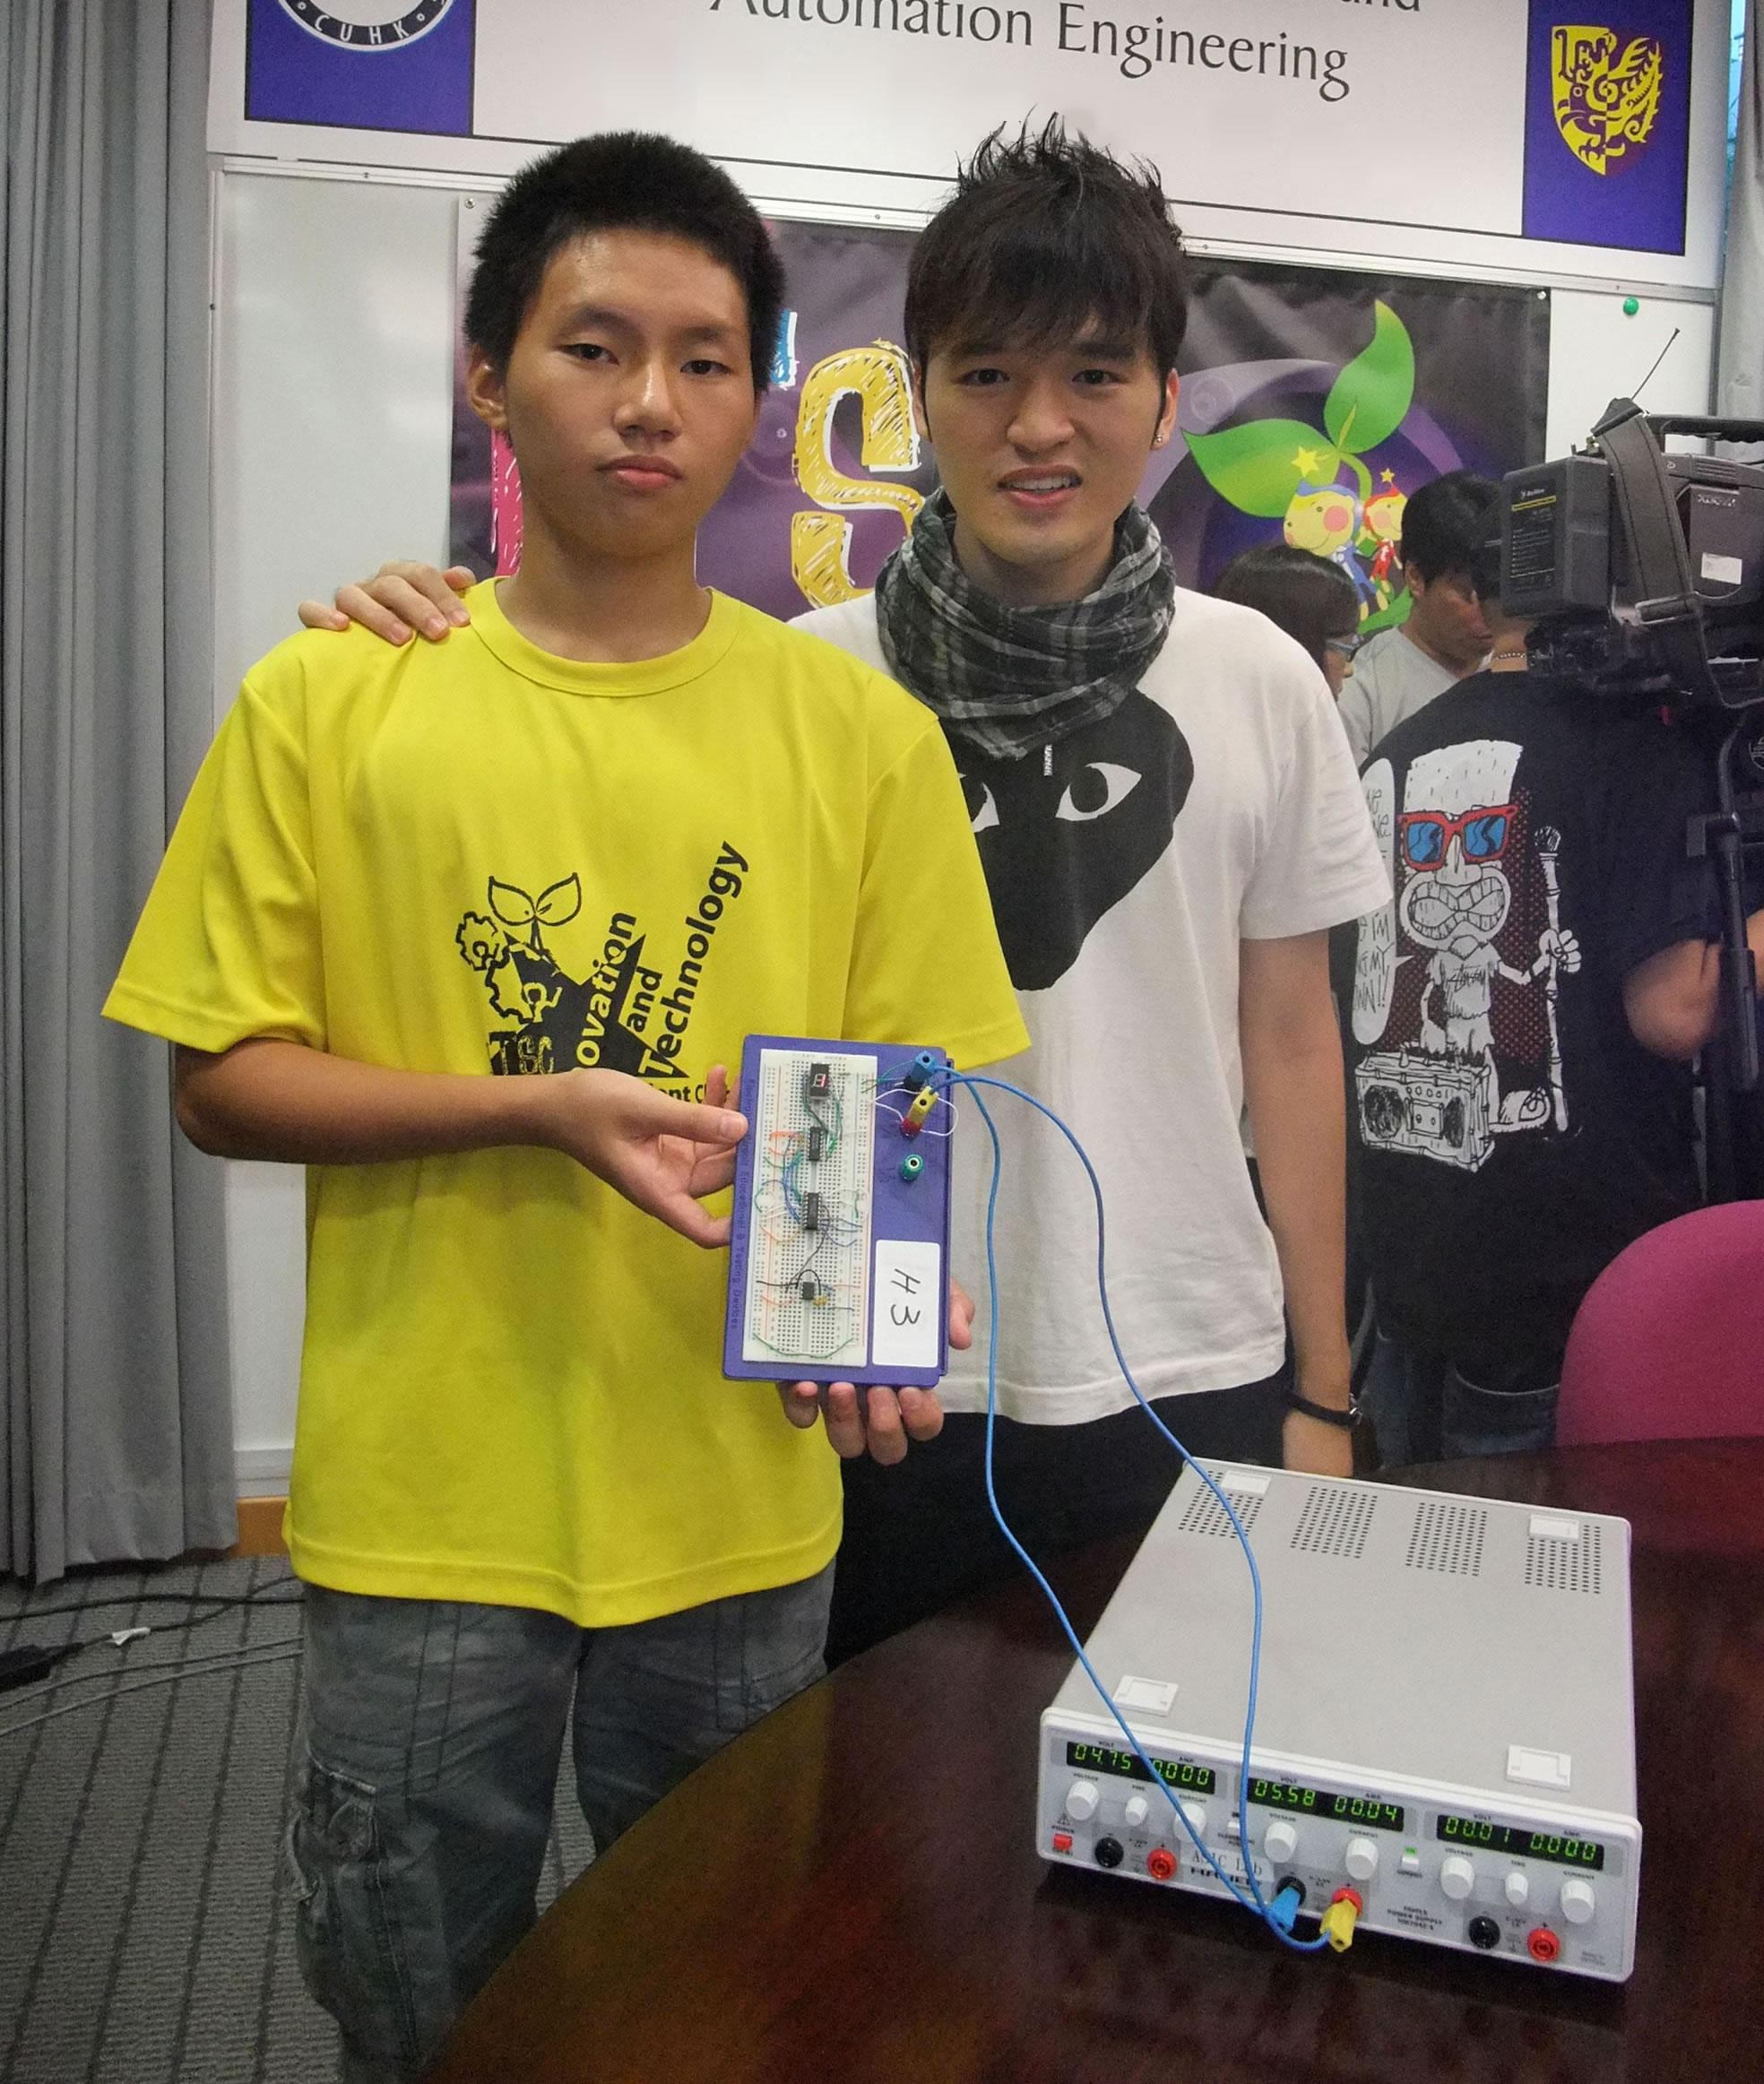 順德聯誼總會李兆基中學的中五學生楊育浚(左)在中大電子工程學系研究助理章覺文的指導下,製成電子時鐘